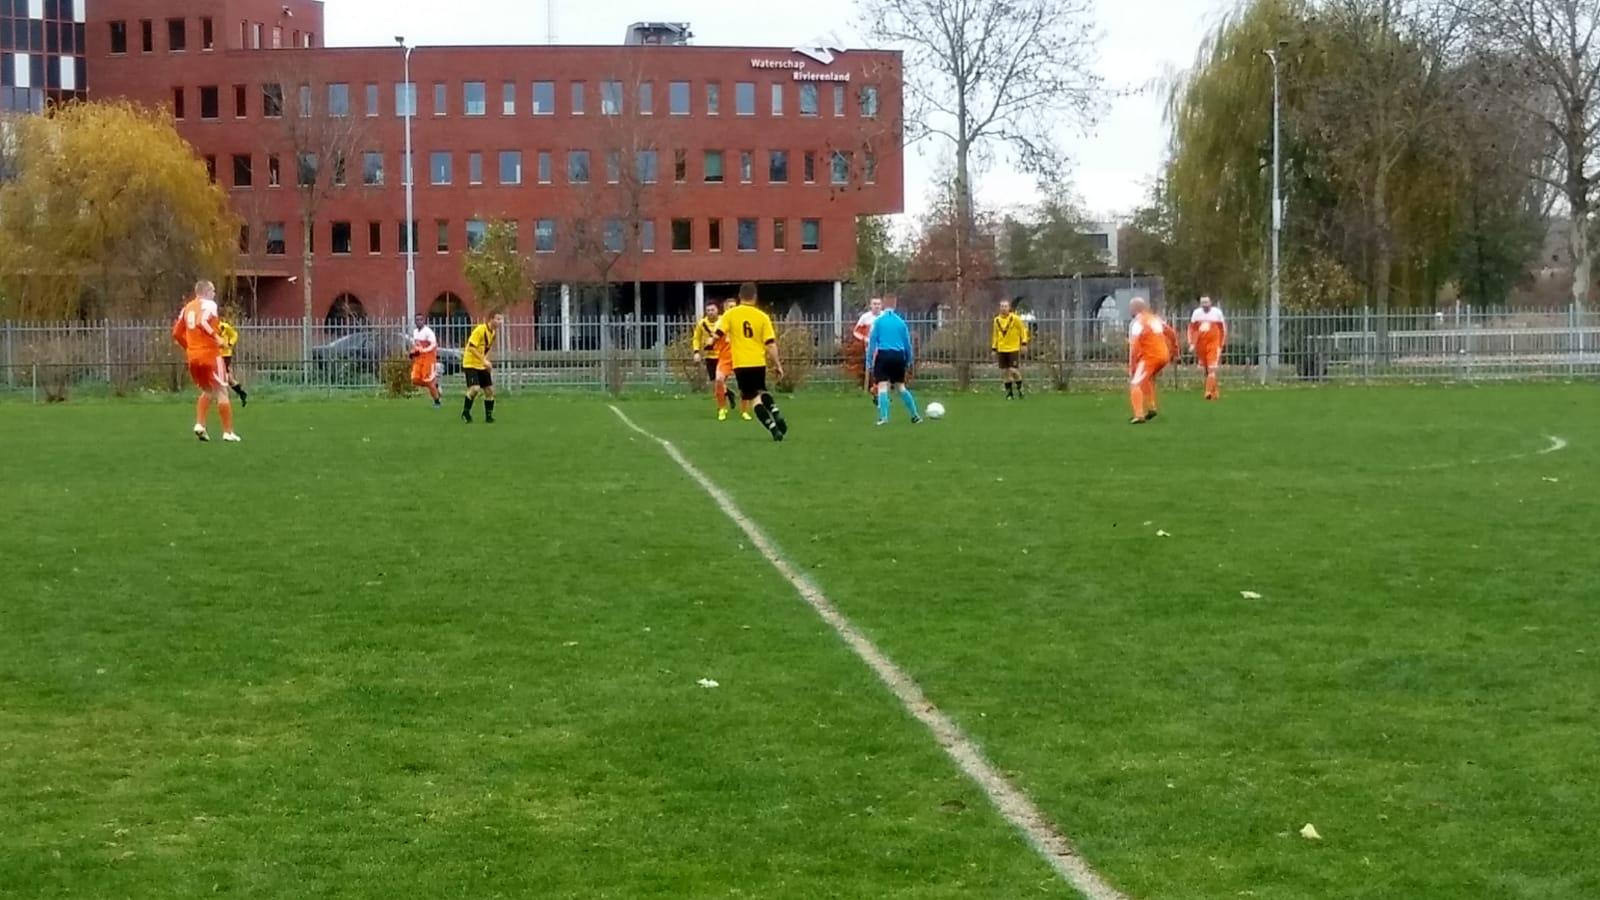 Competitiewedstrijd TEC 2 - SV Meerkerk 2